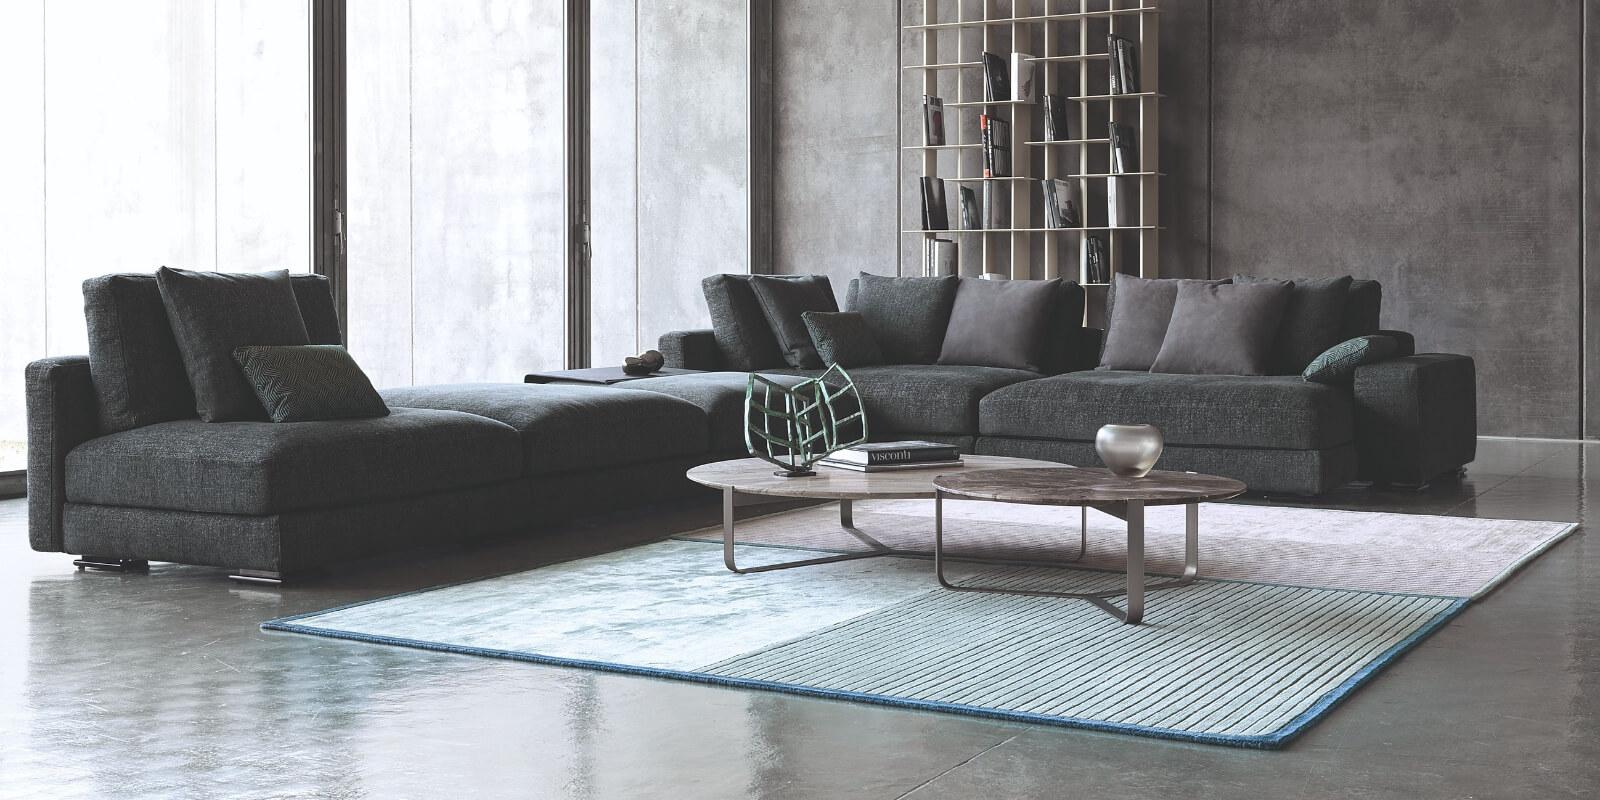 Tappeto moderno grigio e azzurro